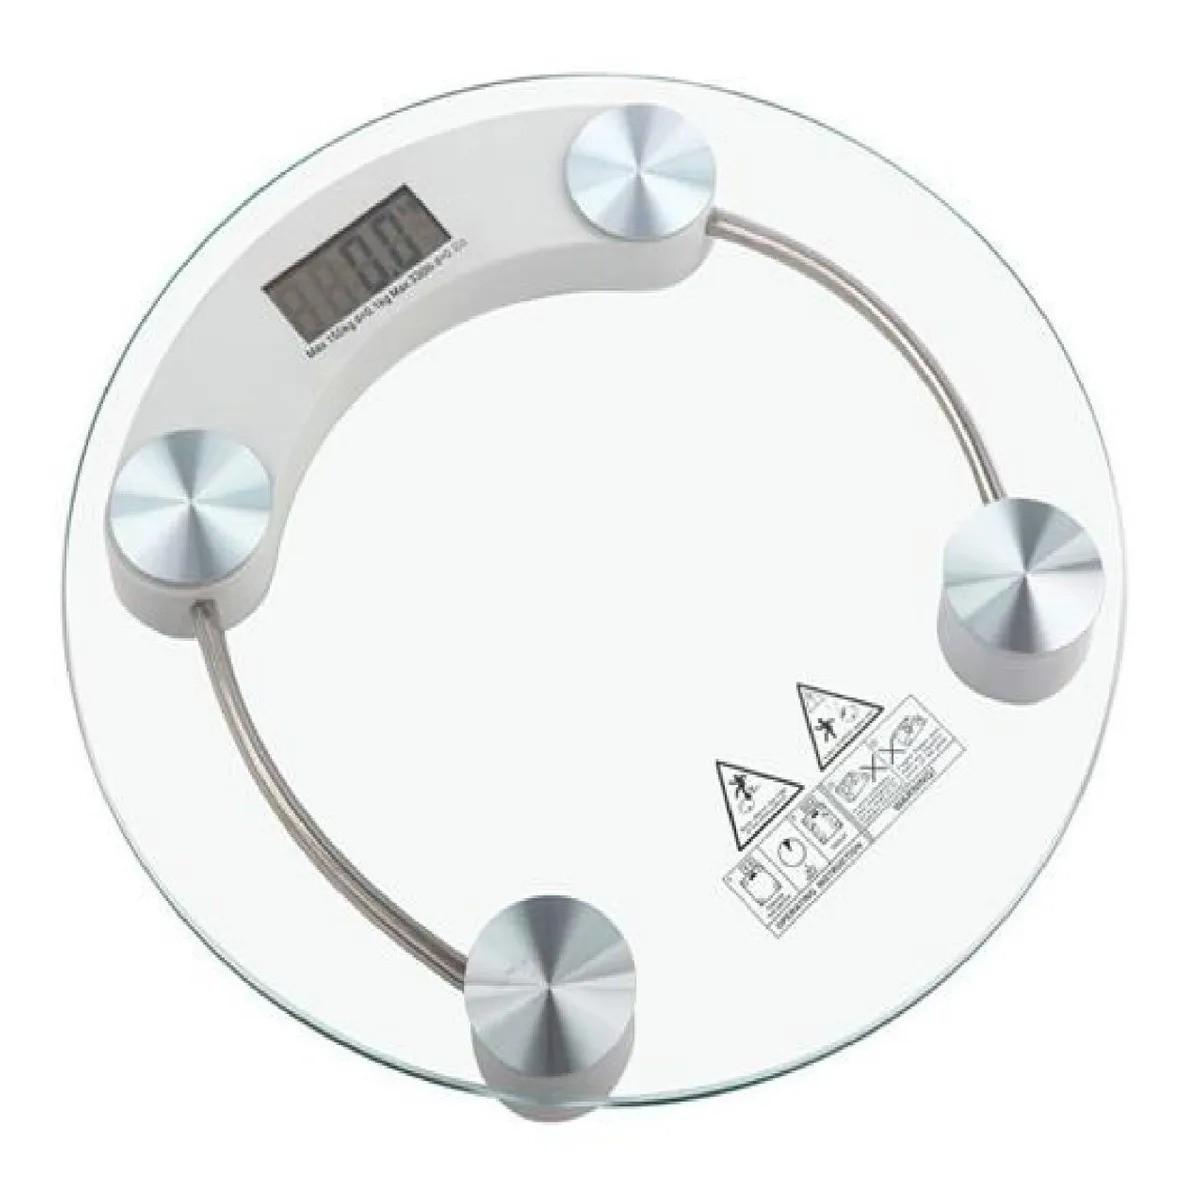 Balança Digital Vidro Dieta Banheiro Clinica Academia 180kg